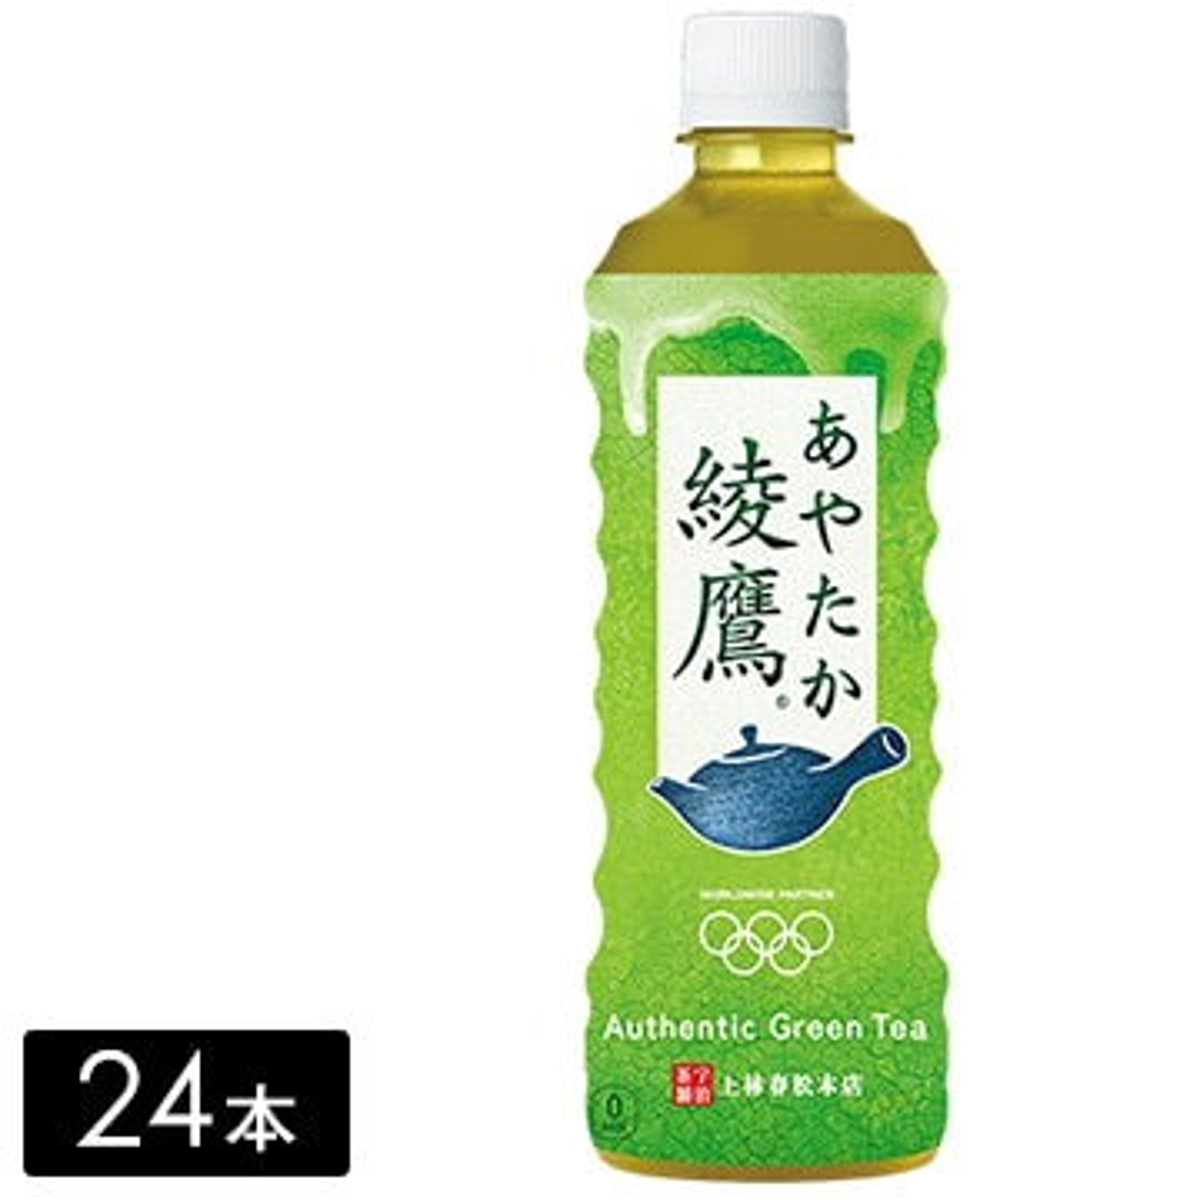 綾鷹 緑茶 525mL×24本